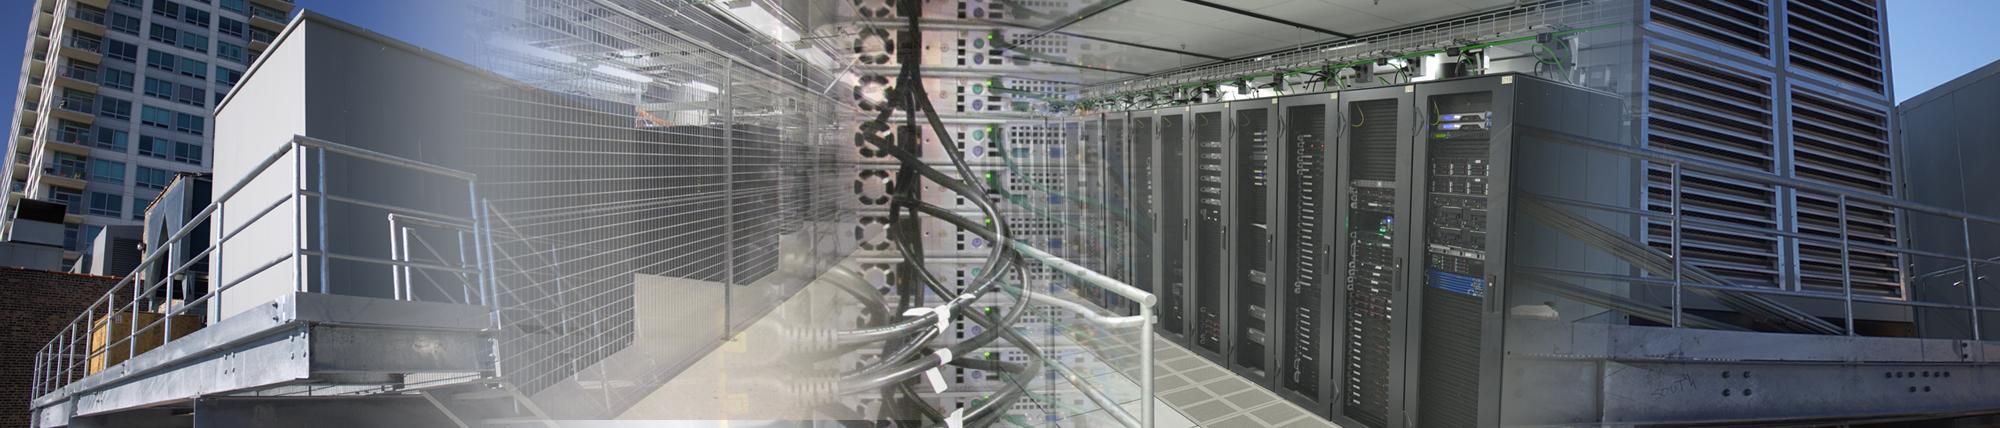 725 S. Wells Data Center